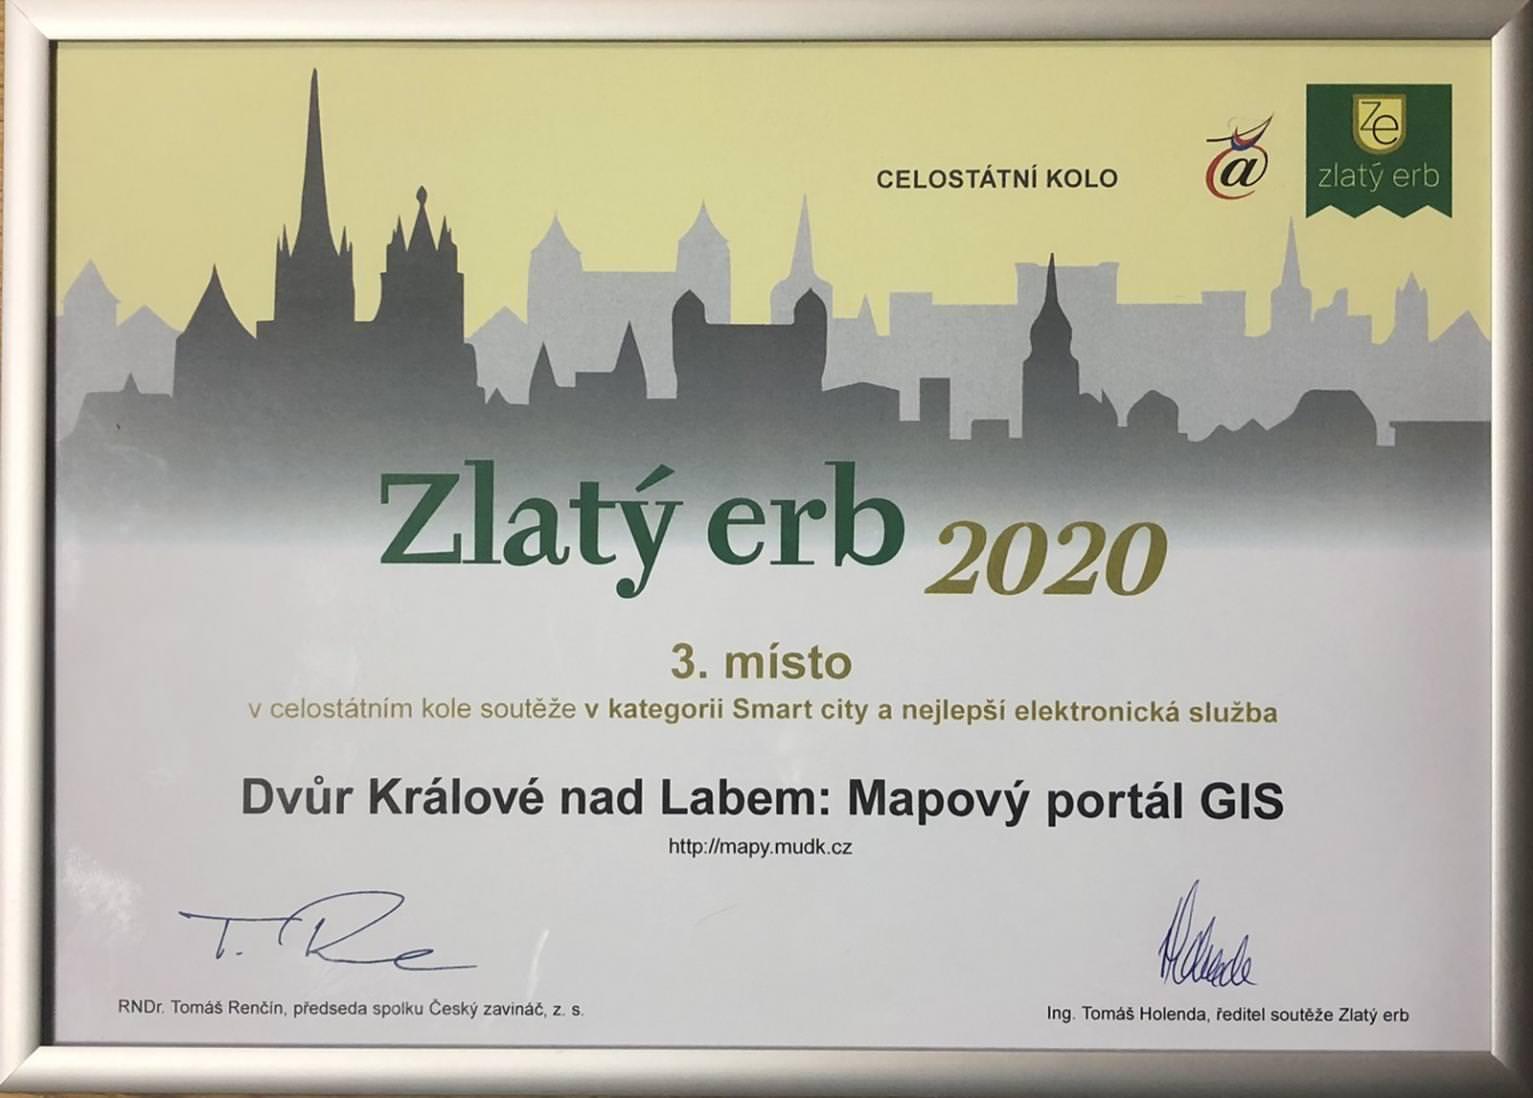 Zlatý erb - celostátní kolo 2020 (1)